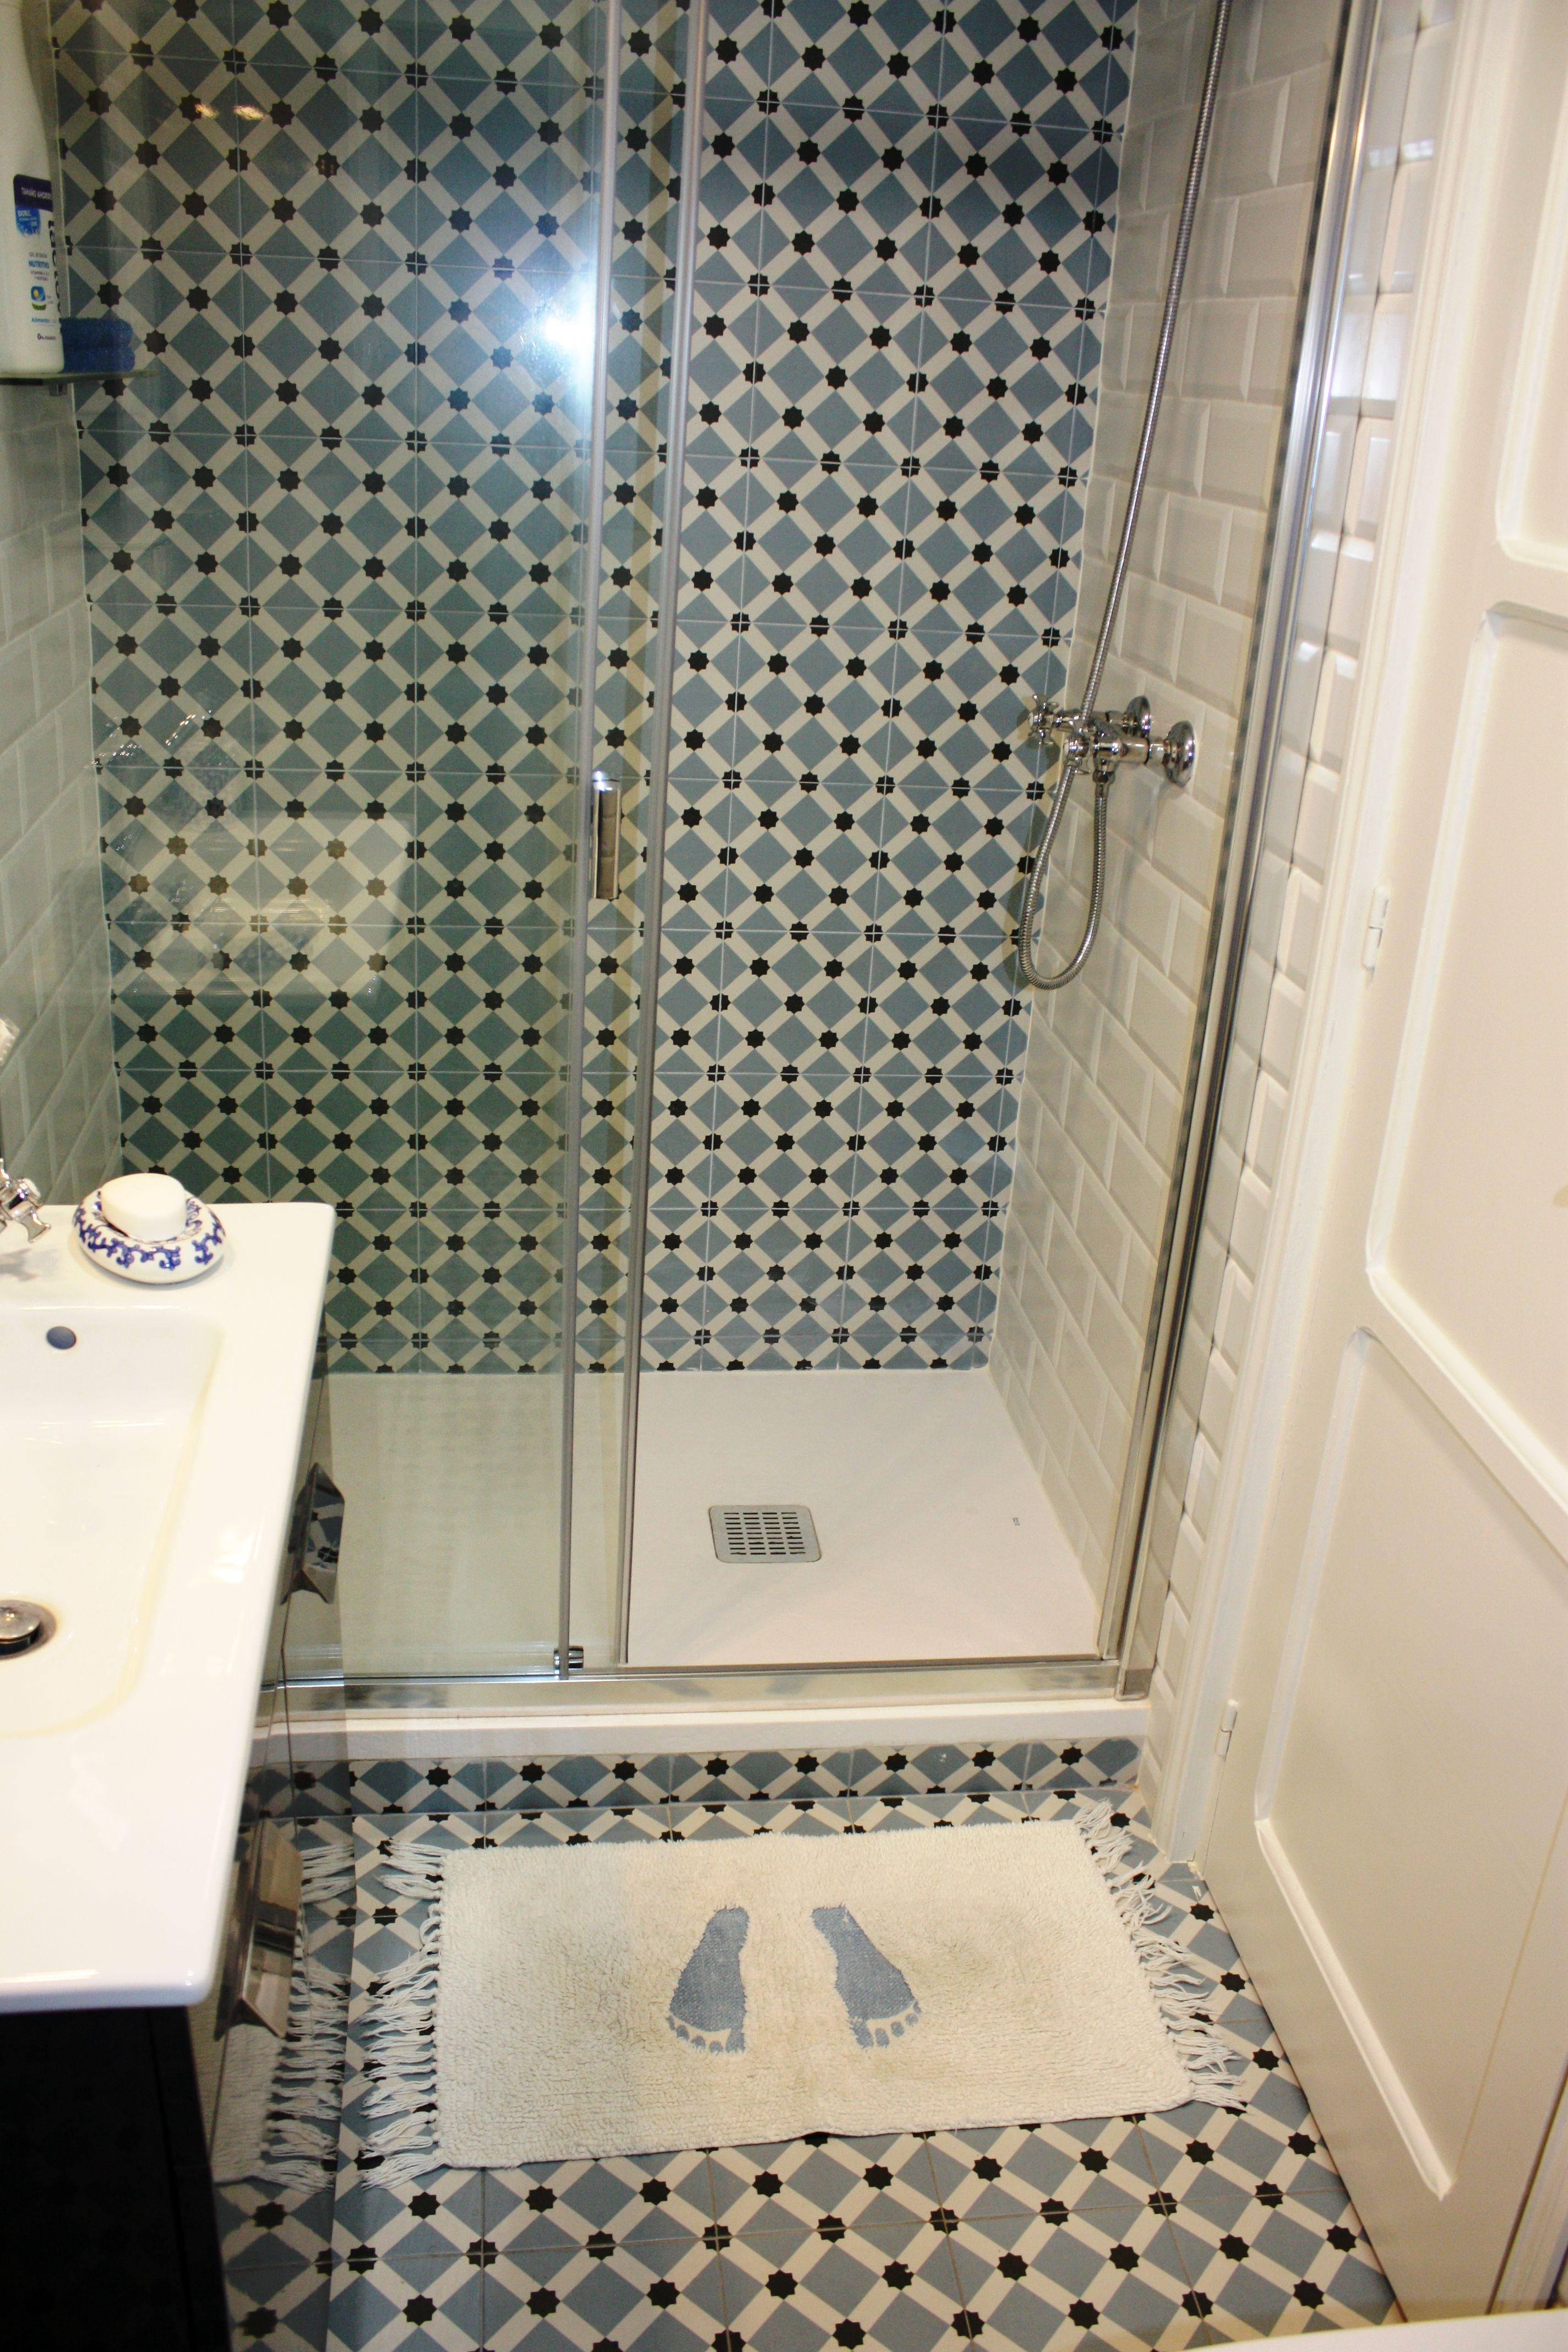 El cuarto de bao azulejos de vives 1900 y zola blanco mate henley victorian encaustic effect ceramic wall floor tiles rrp 20 x 20 dailygadgetfo Gallery